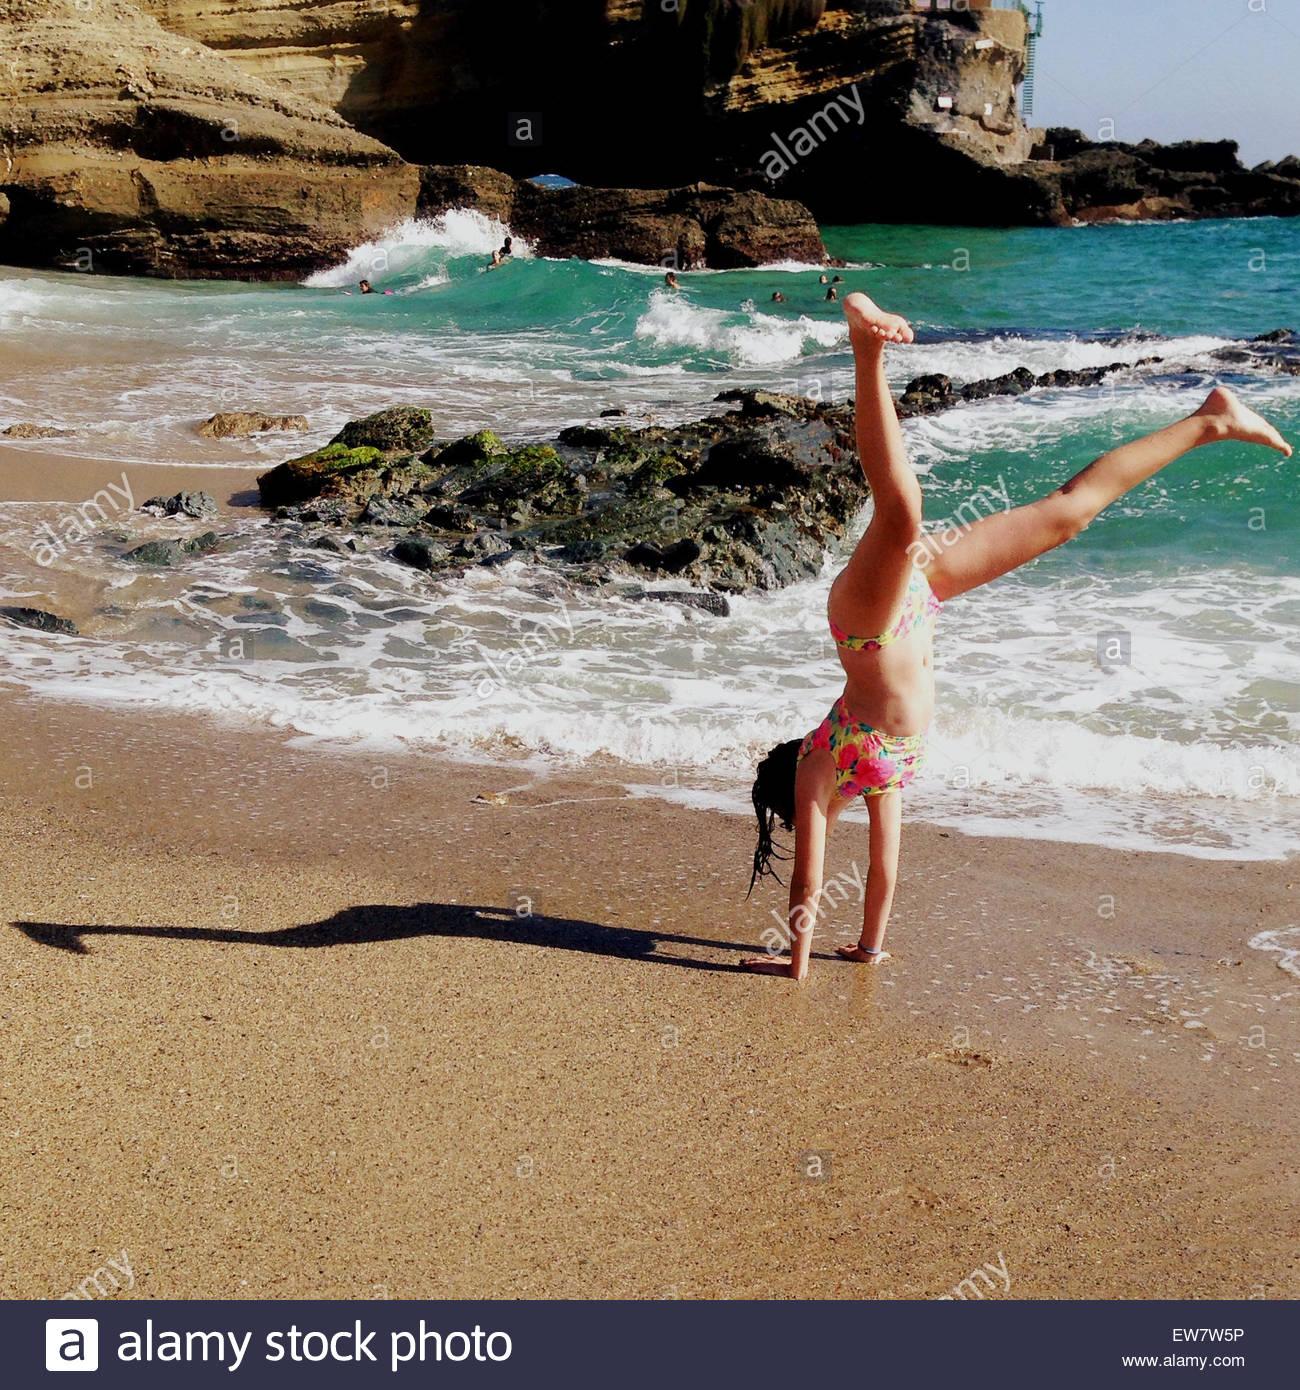 Ragazza facendo un appoggiate sulla spiaggia facendo un'ombra che assomiglia a una giraffa Immagini Stock